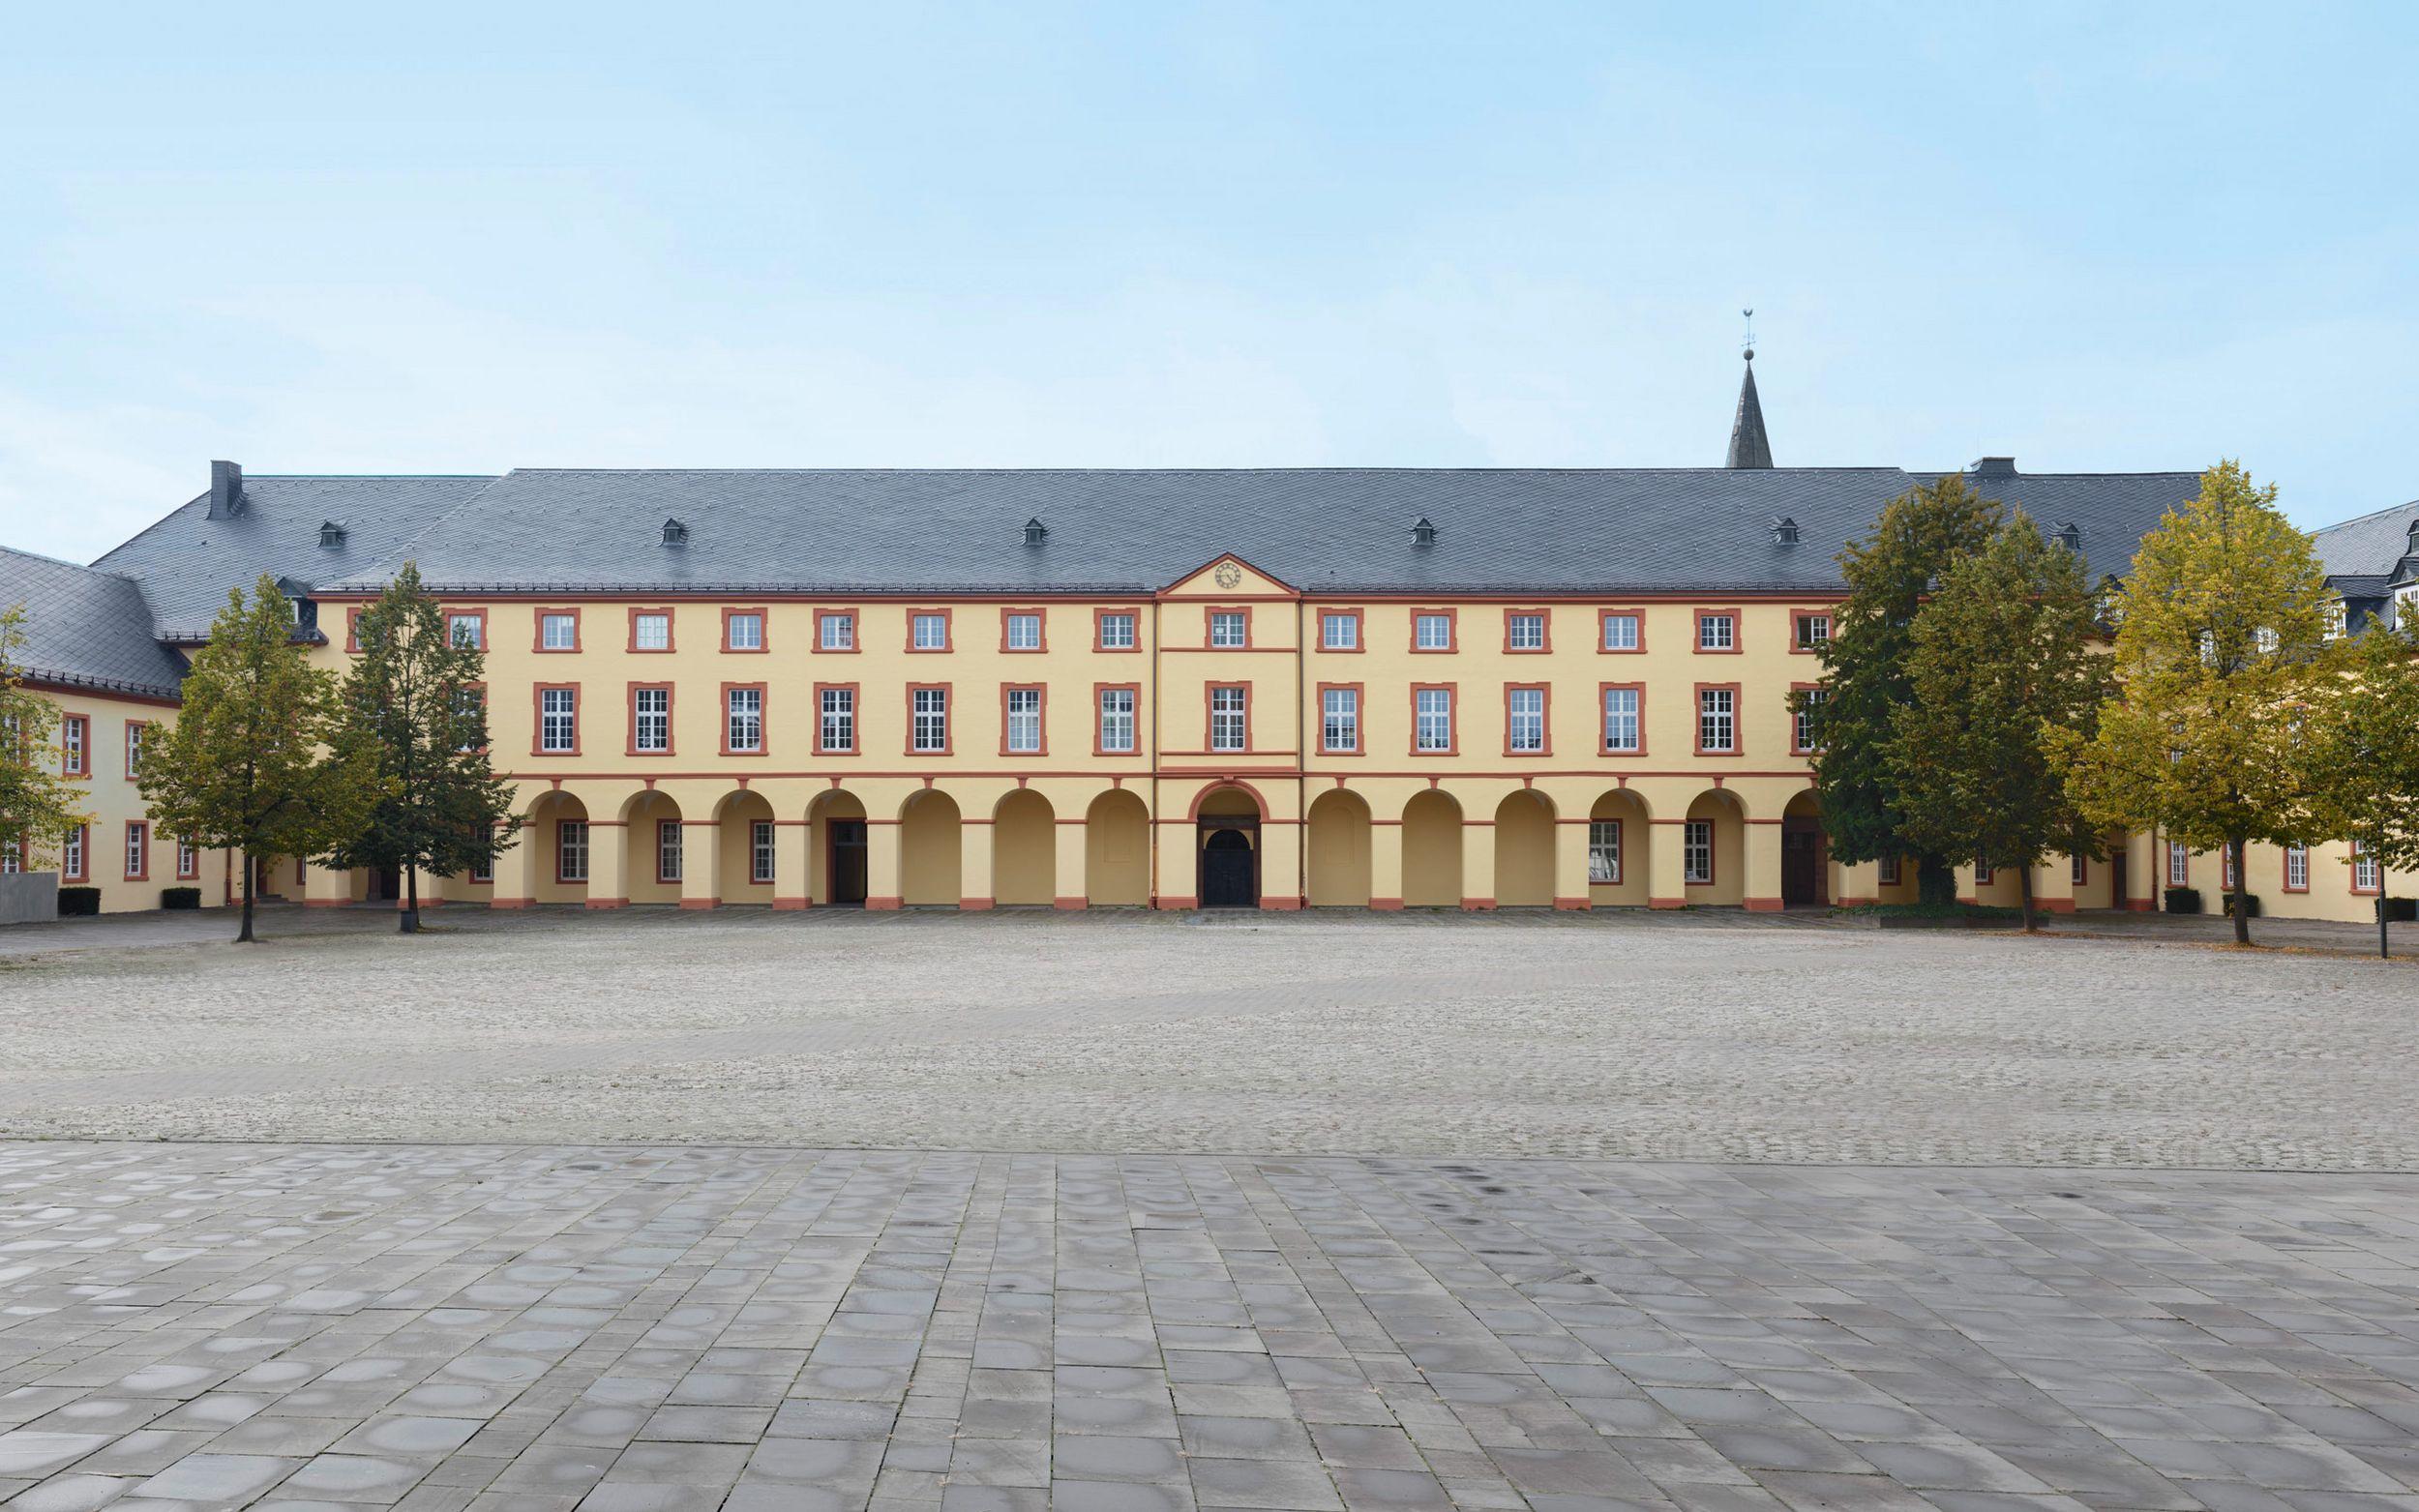 Campus unteres schloss universit t siegen - Architektur siegen ...